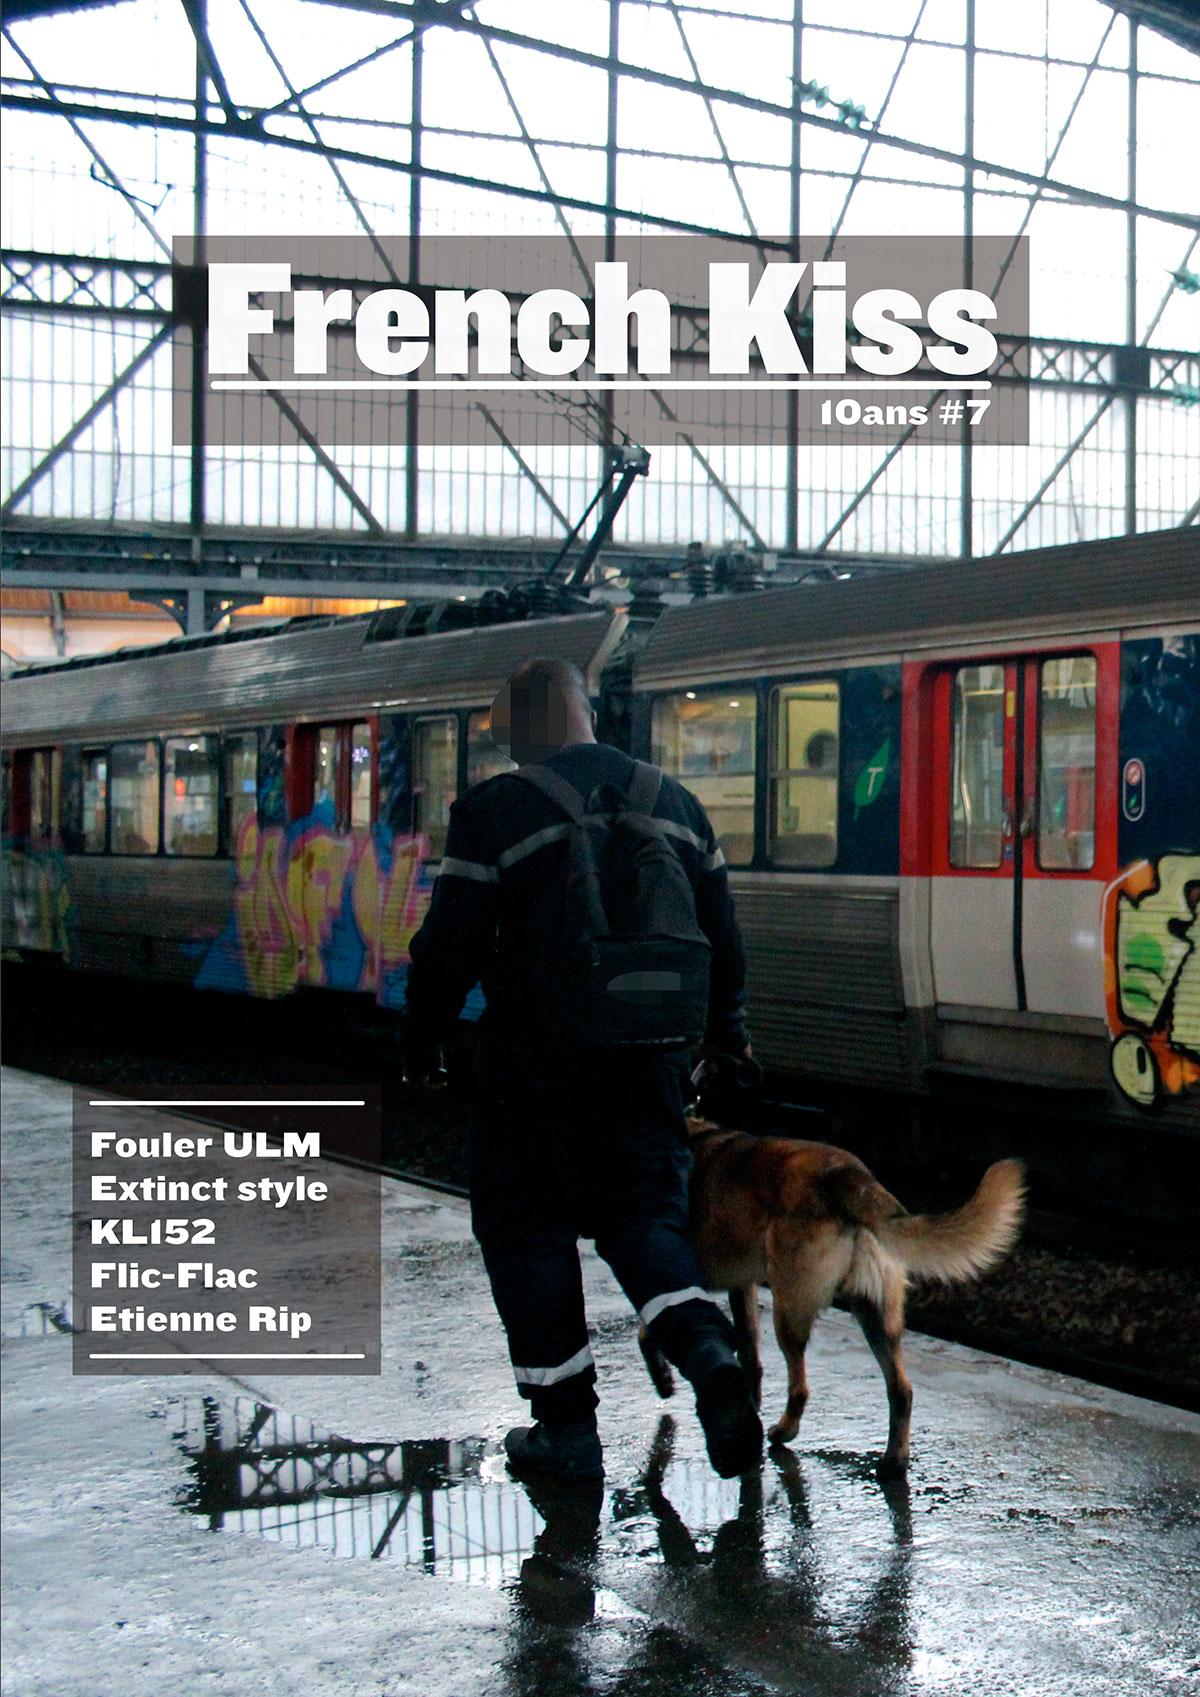 Les Français ne sont plus les rois du French kiss